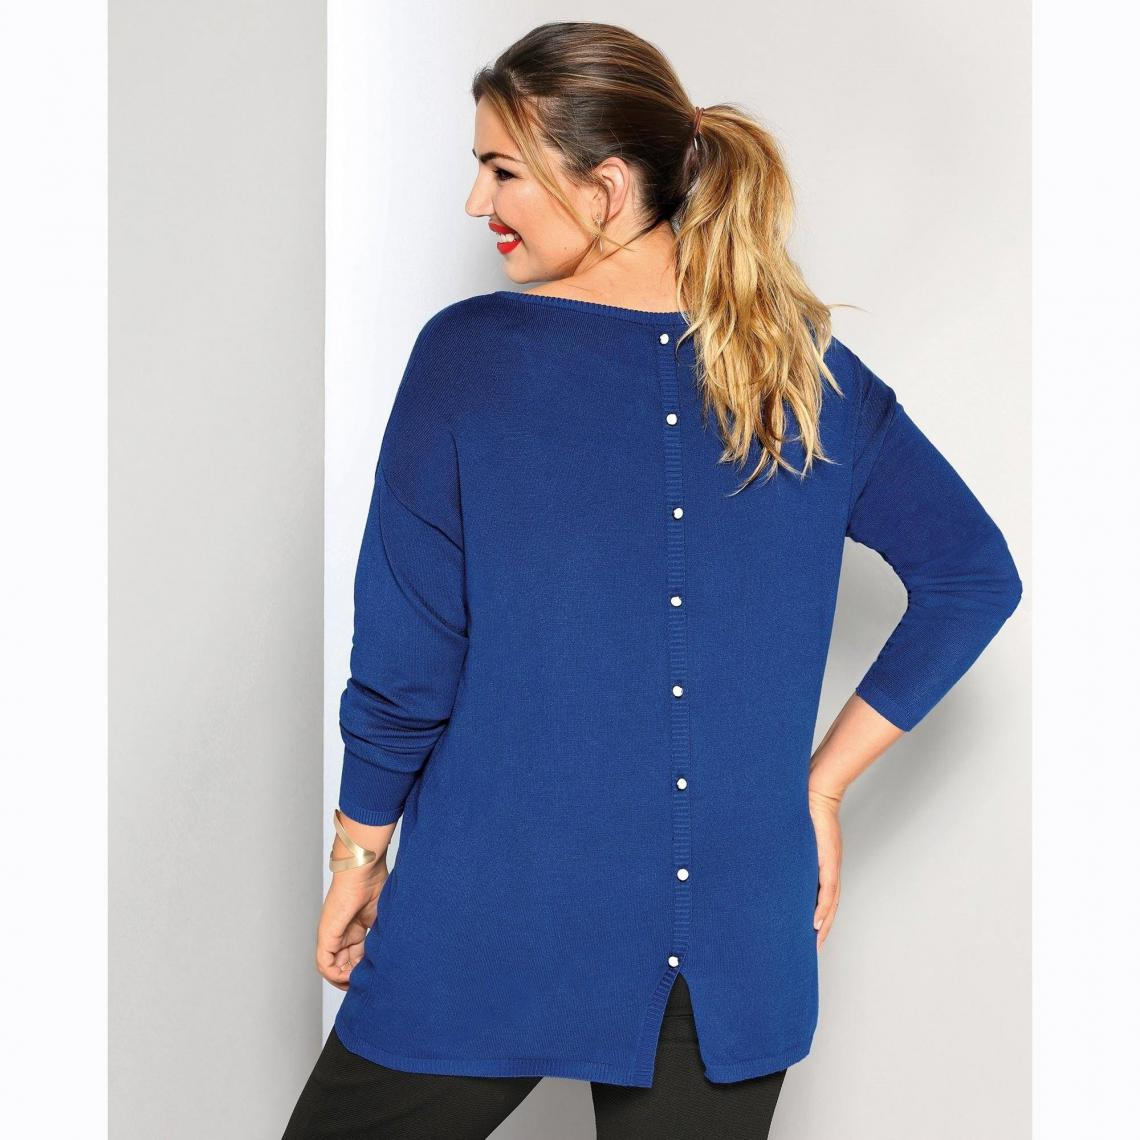 Pull Fantaisie Bleu Suisses Femme Longues Dos Manches Dur3 Boutons 9DHIE2